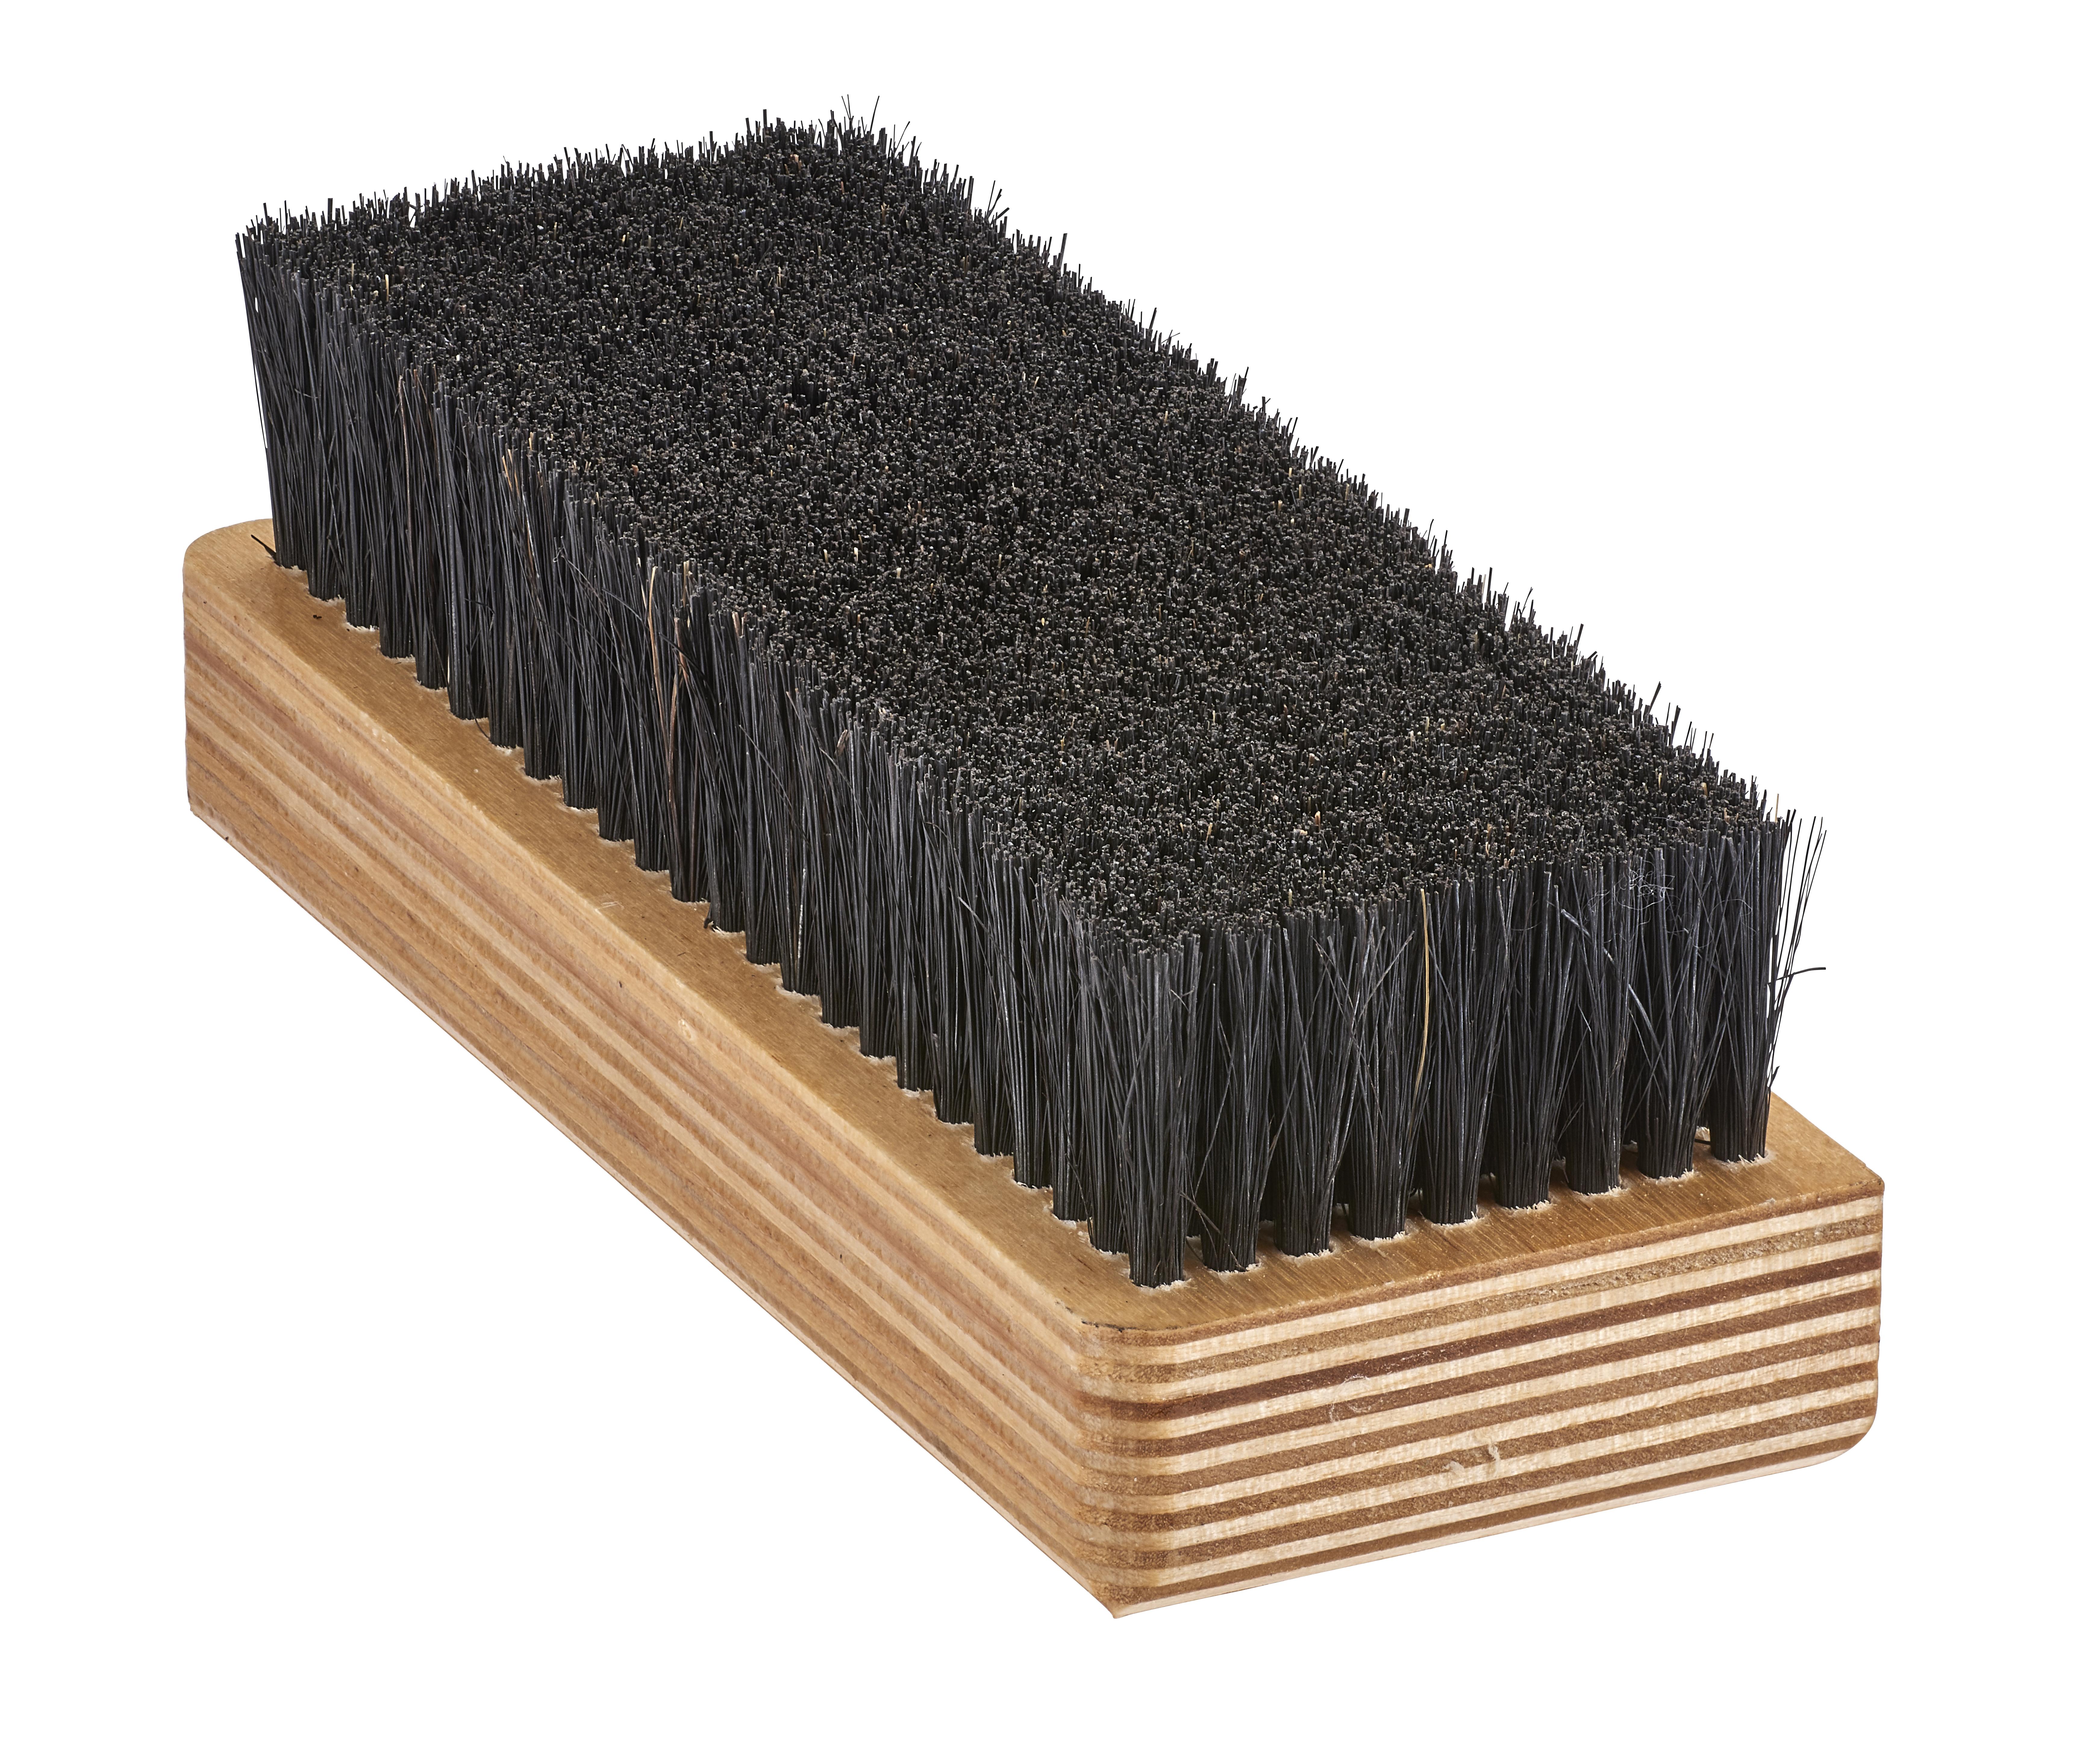 04008 Anilox Brush